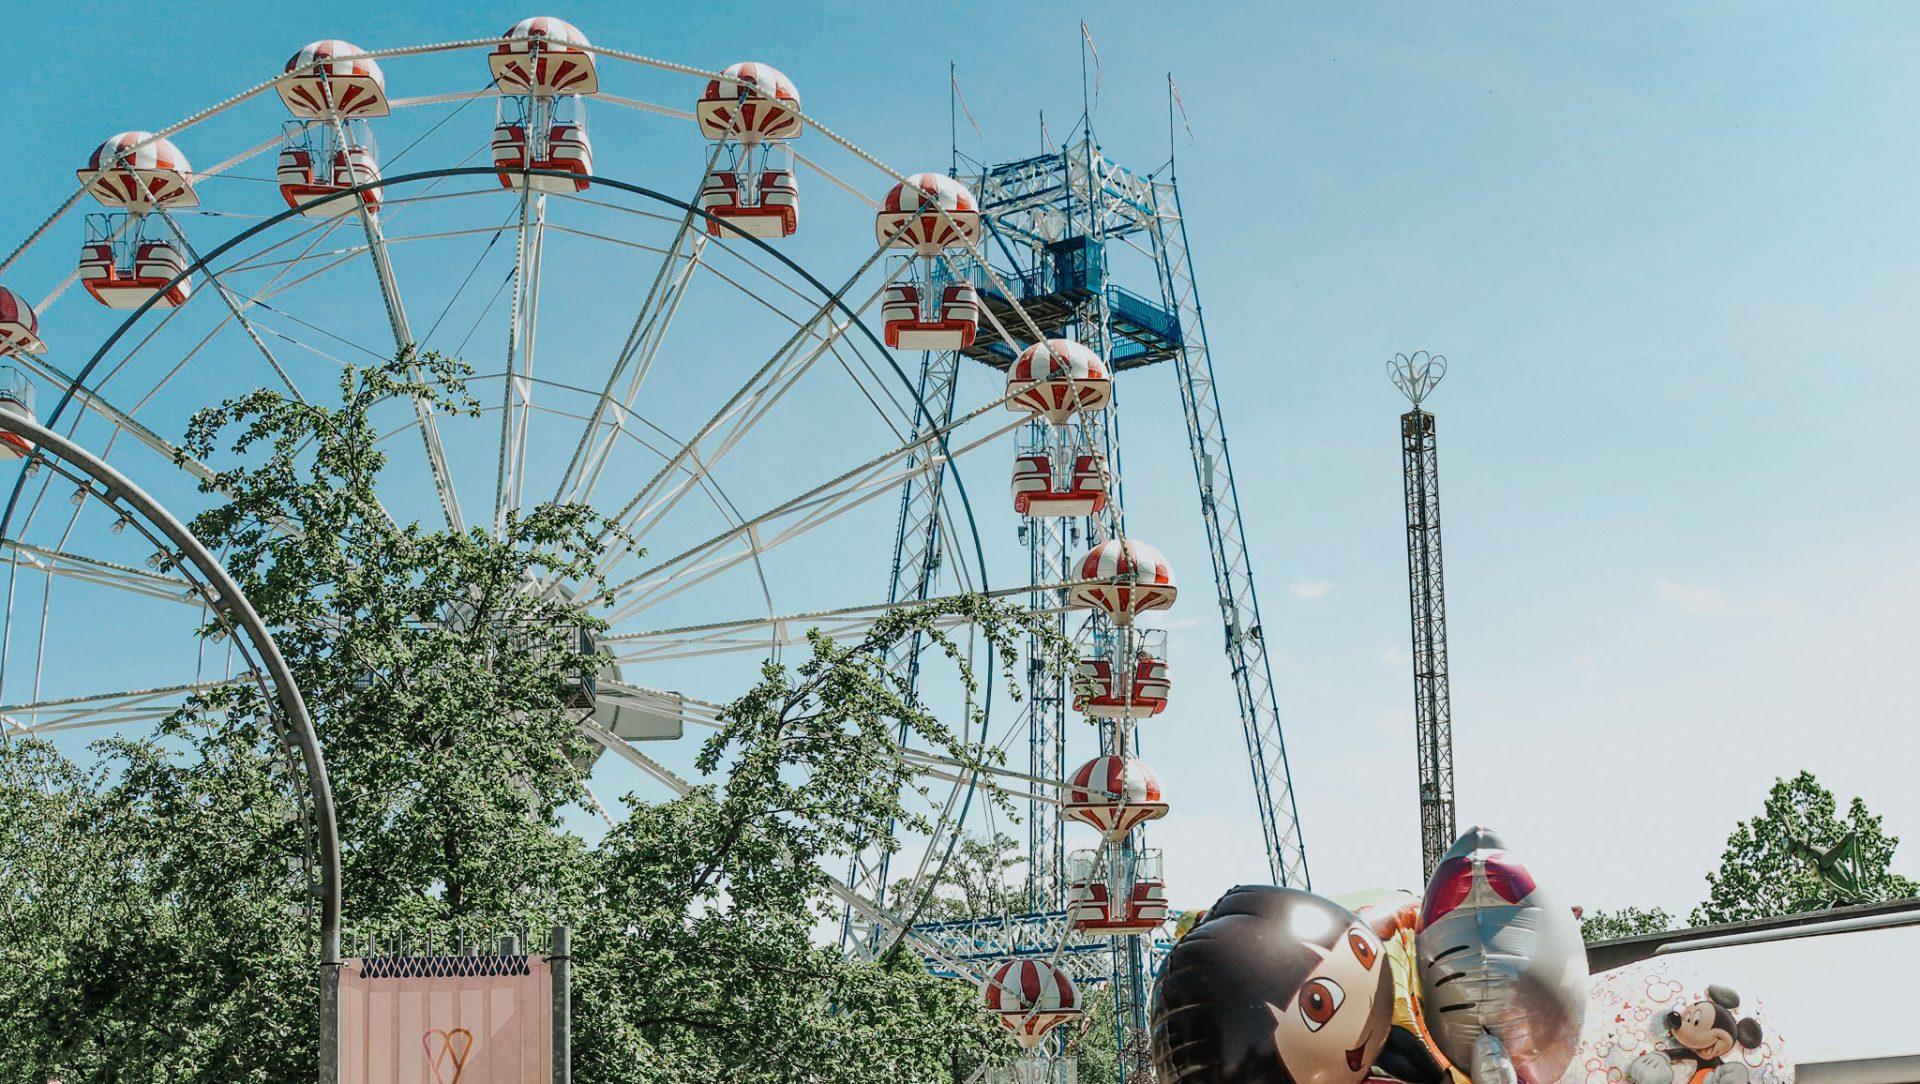 Ekstraordinære oplevelser: Tivoli Friheden åbner Danmarks største blomsterfestival